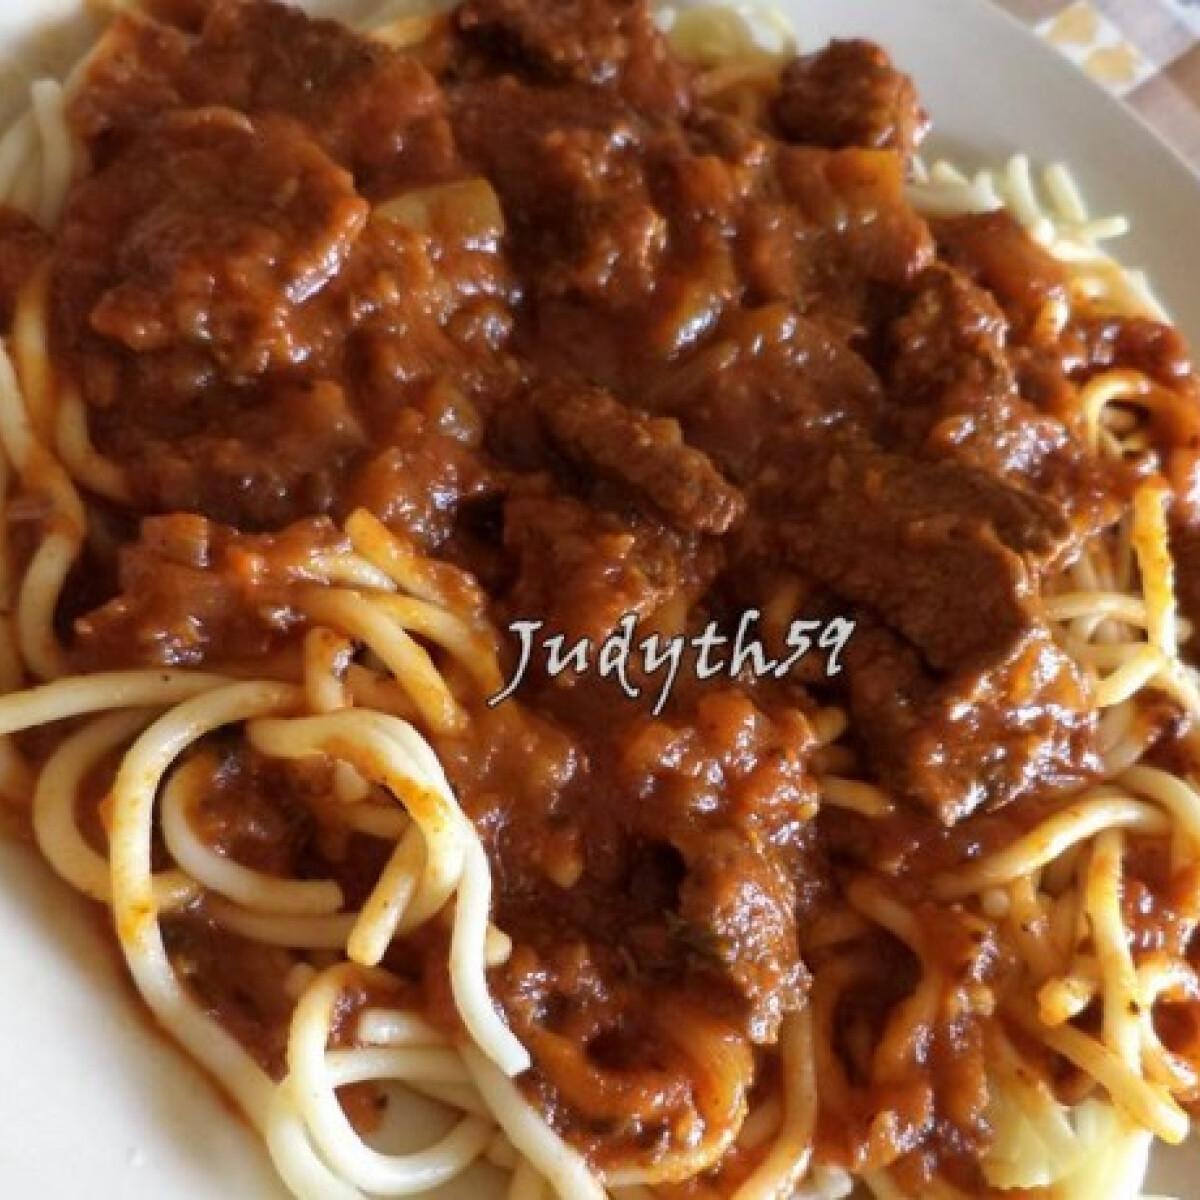 Ezen a képen: Olaszos marharagu JUDYTH konyhájából